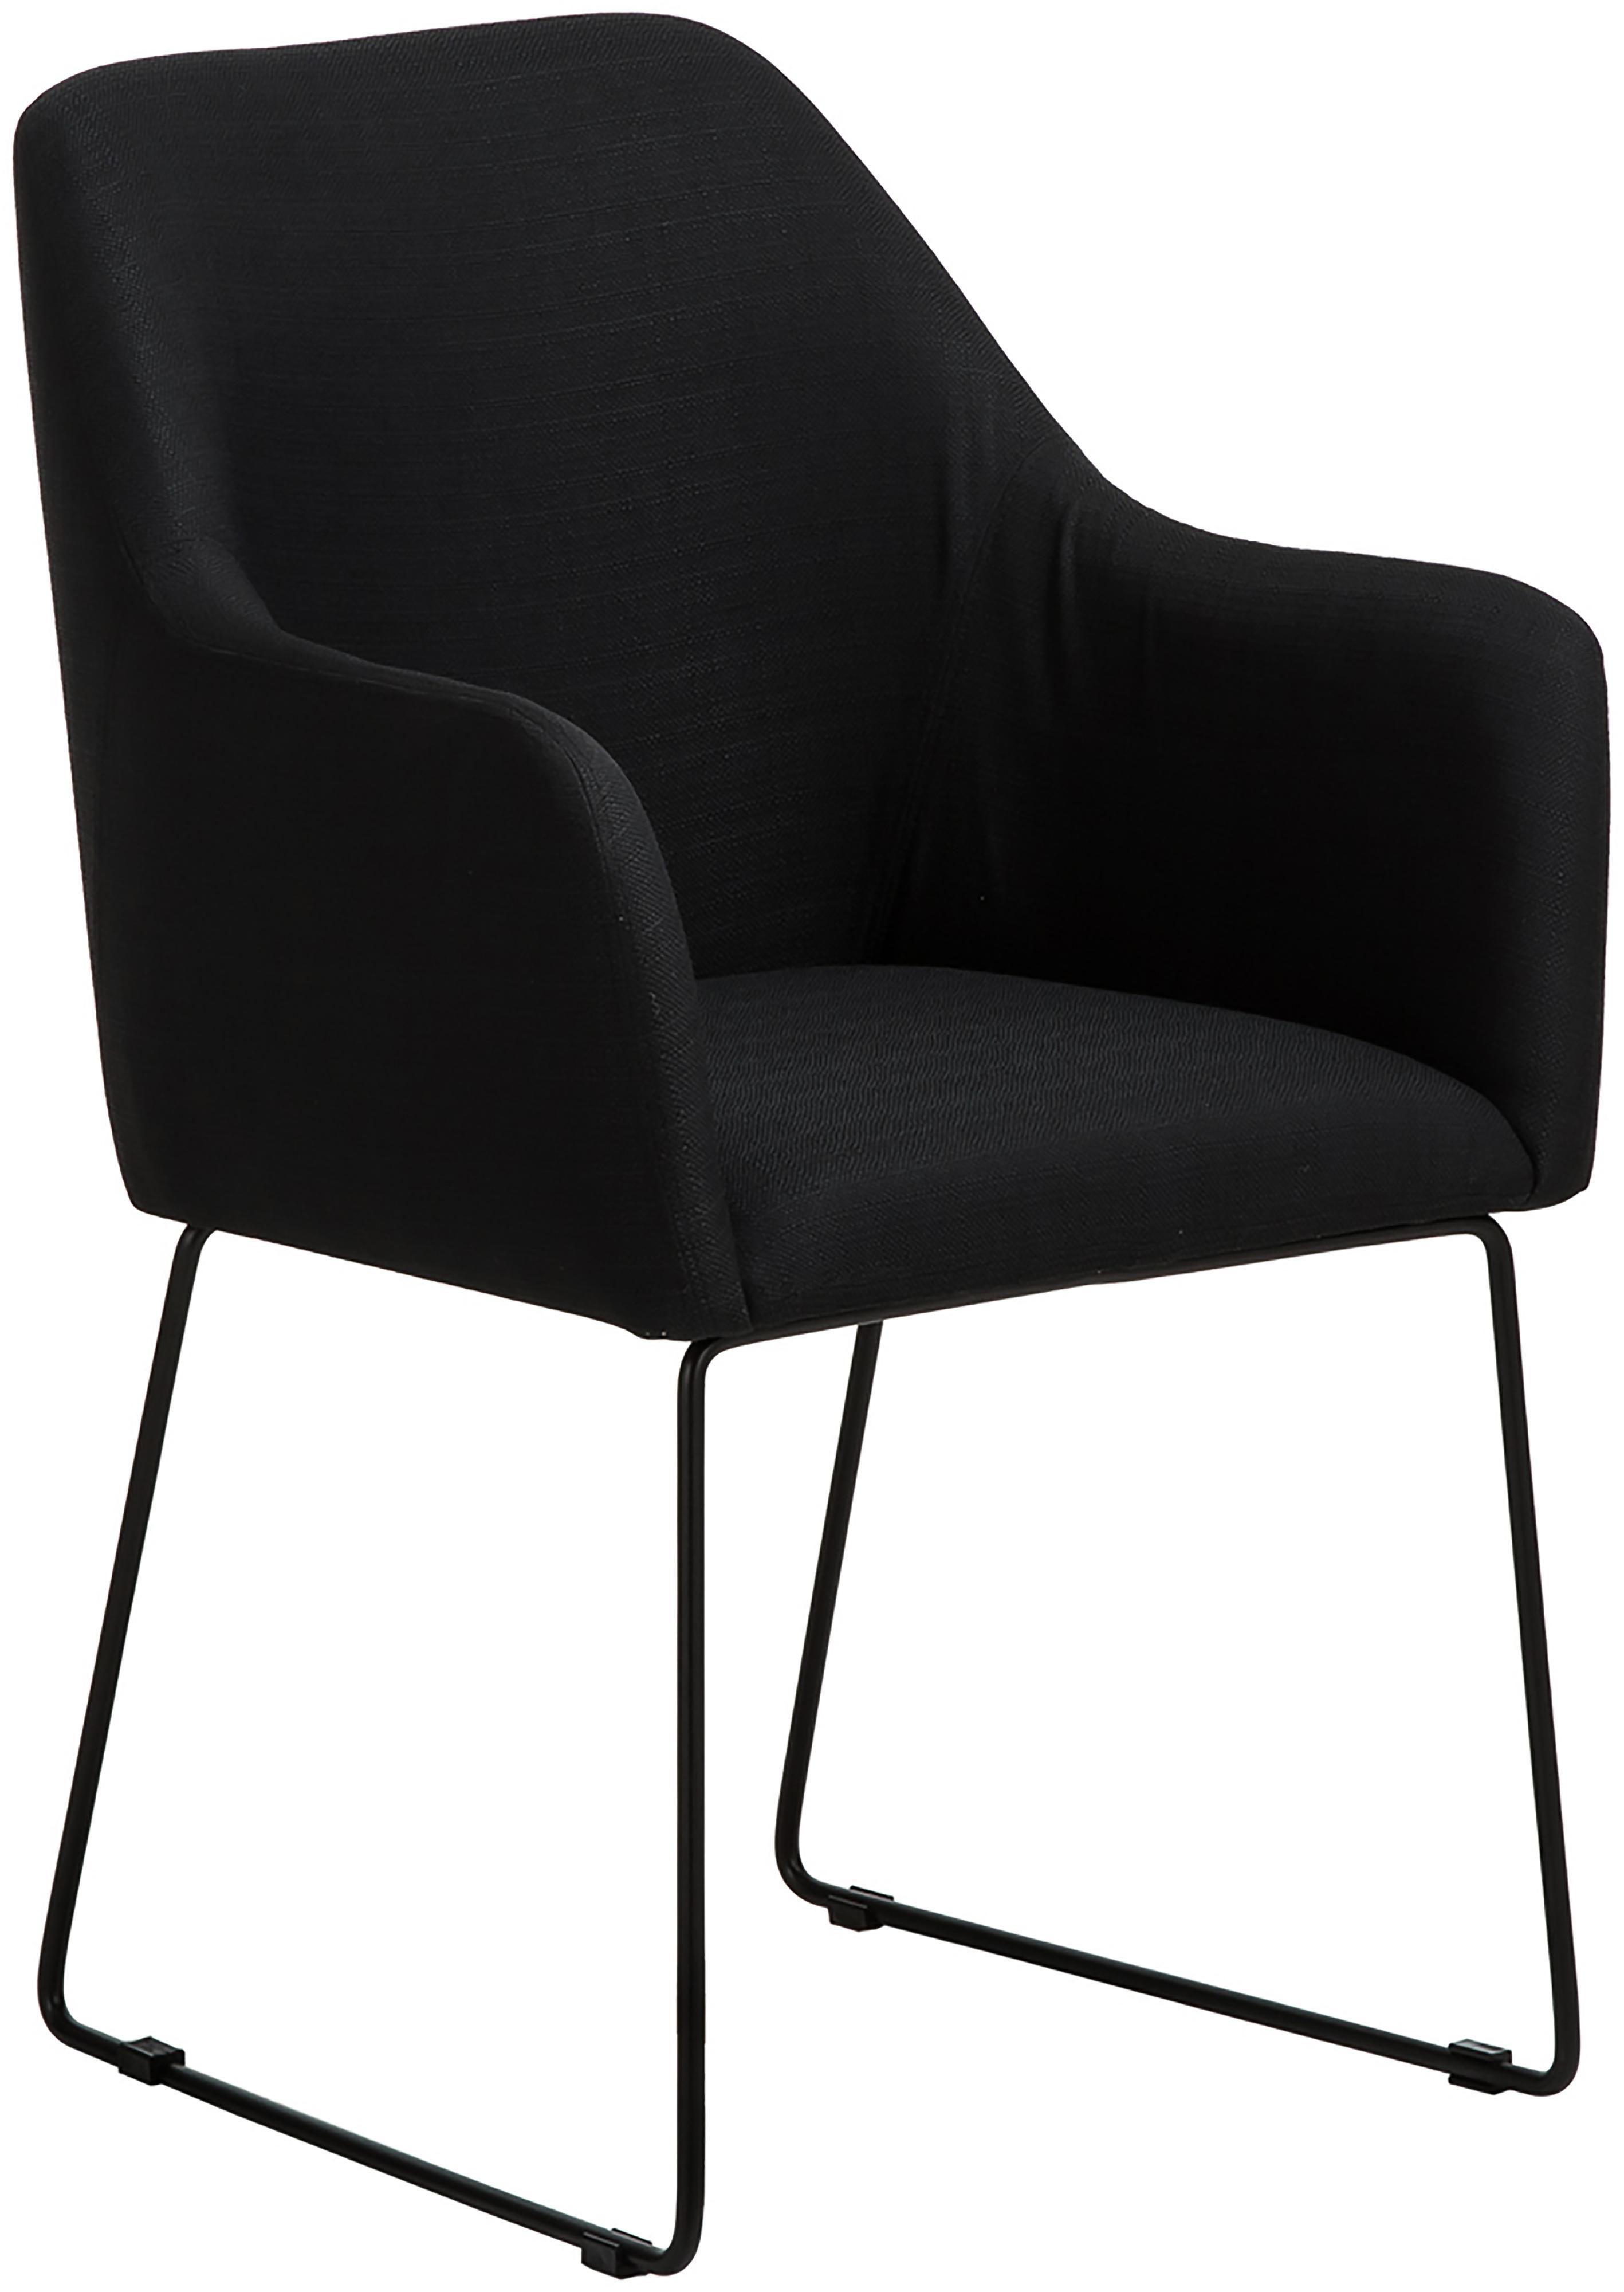 Krzesło tapicerowane z podłokietnikami Isla, Tapicerka: poliester Tkanina o wysok, Nogi: metal malowany proszkowo, Czarny, S 58 x G 62 cm